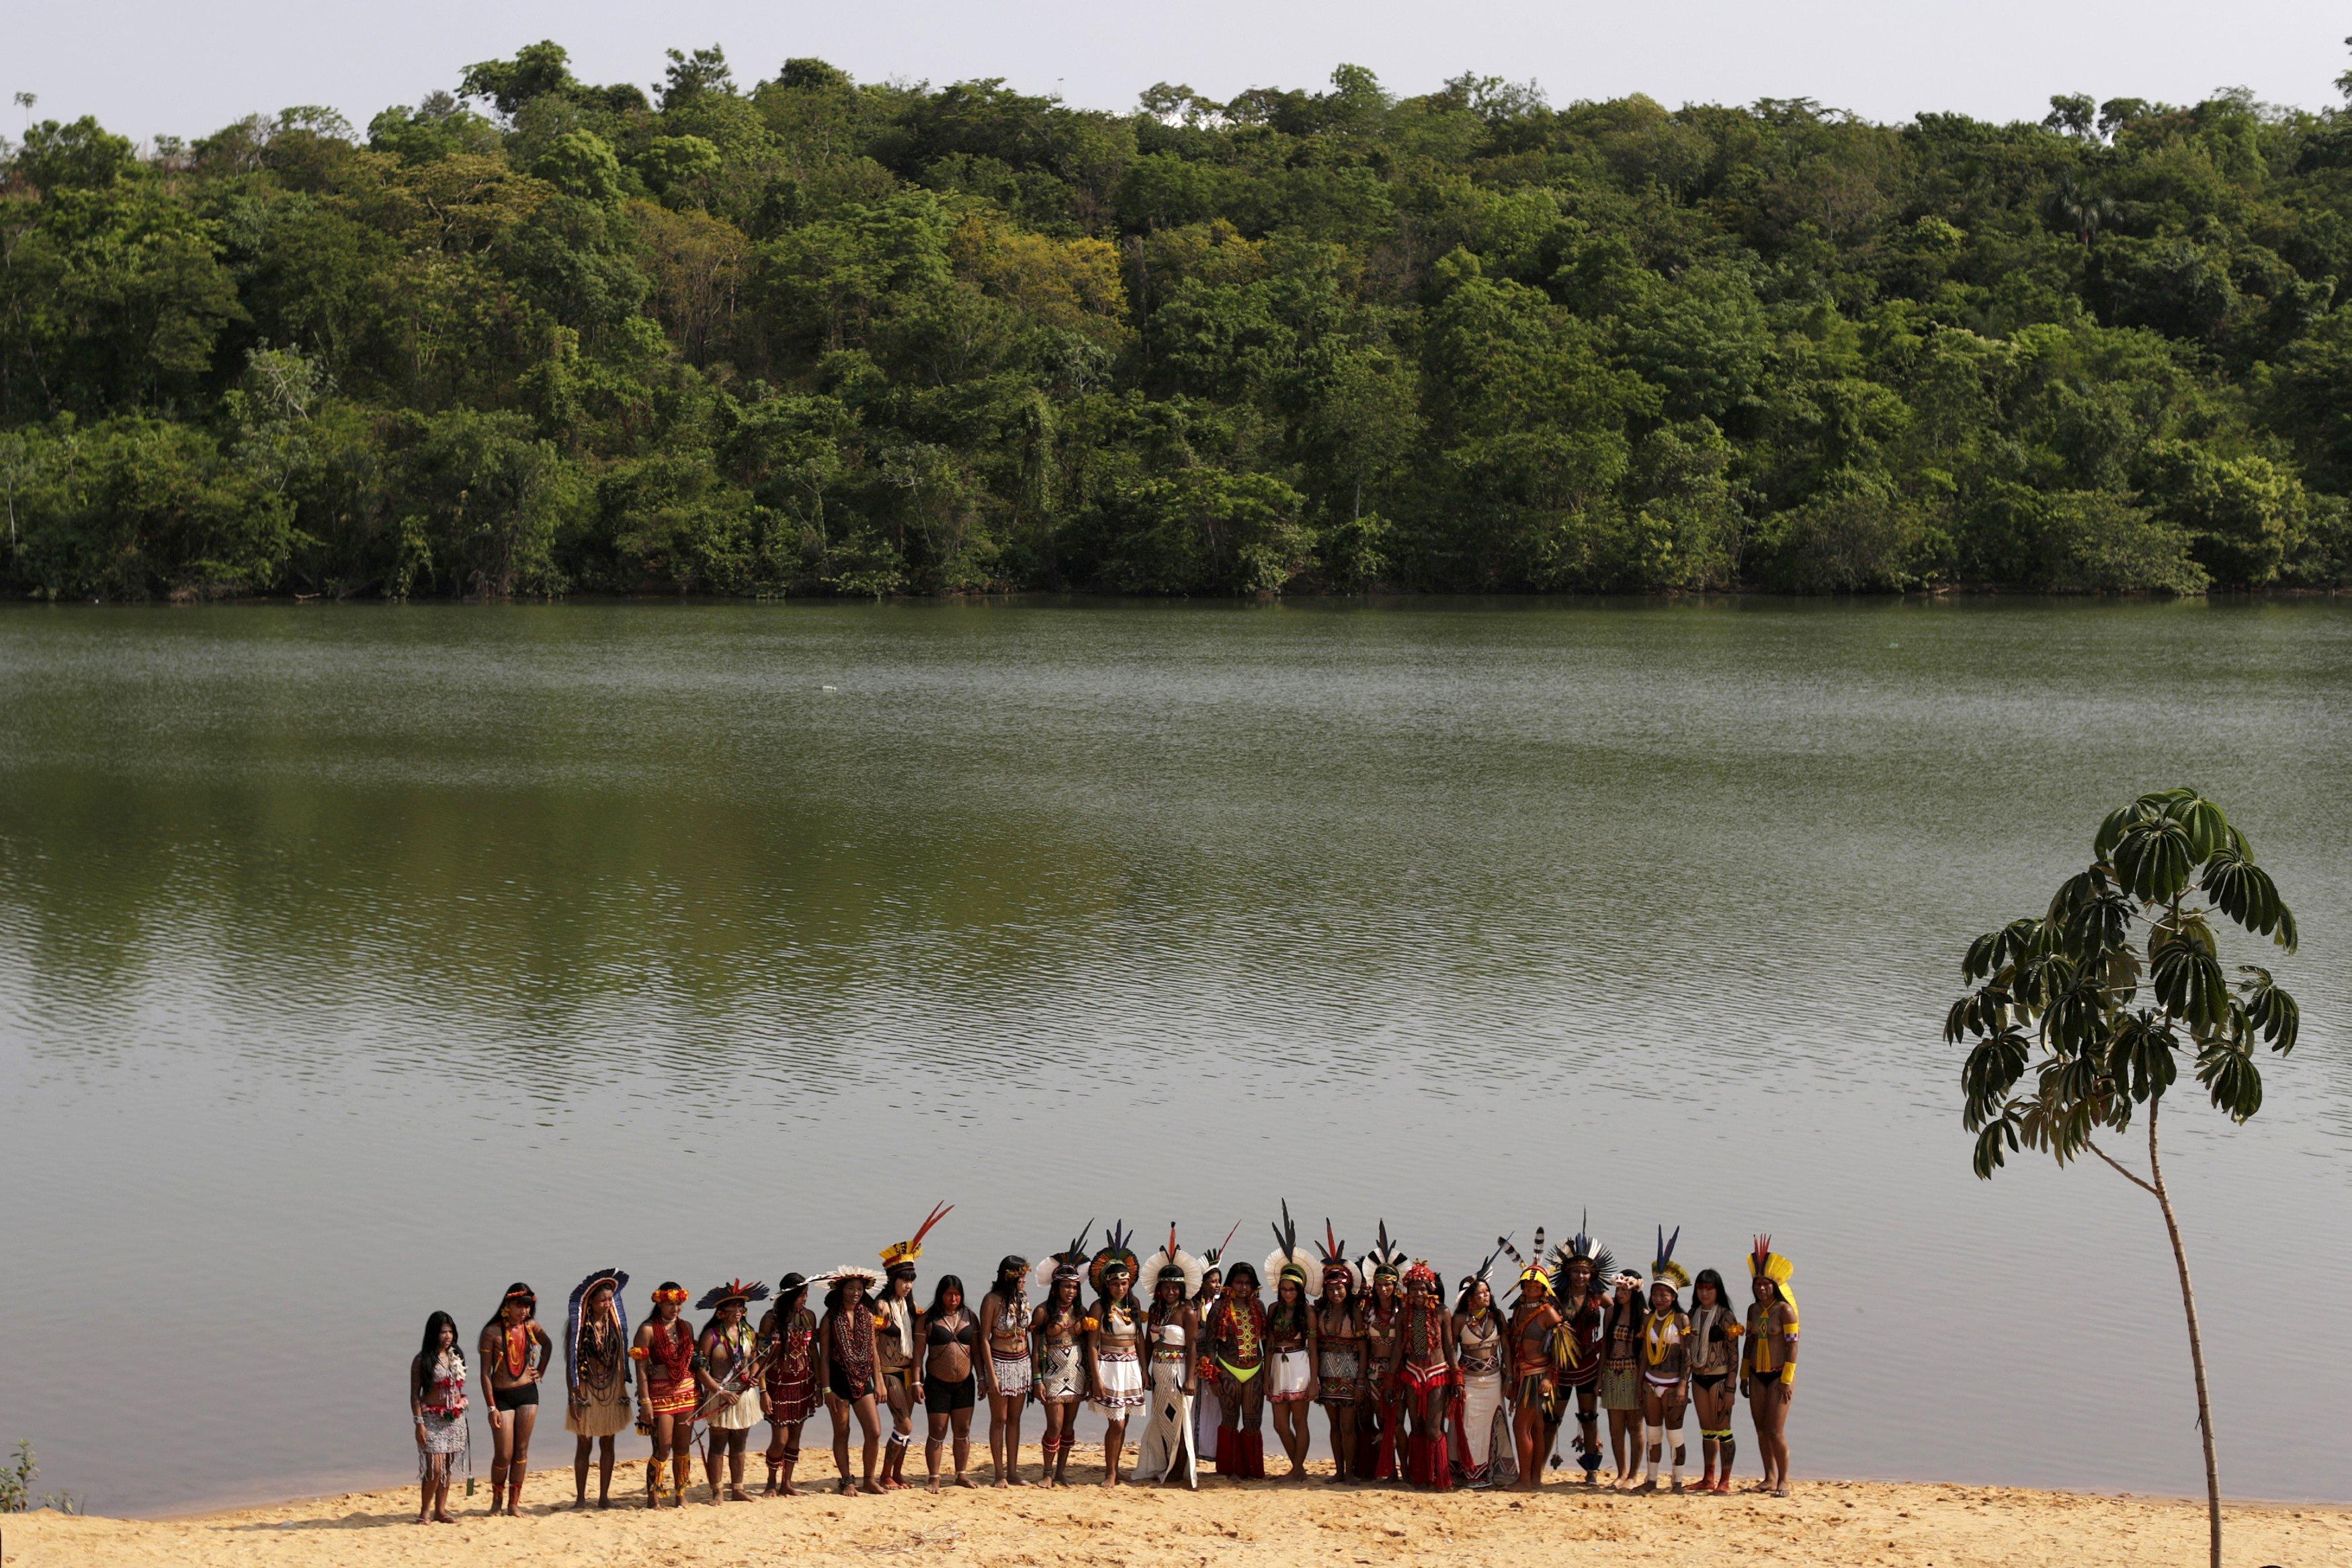 Sejumlah perempuan pribumi dari beberapa suku berpose untuk foto bersama setelah berpartisipasi di parade kecantikan pribumi di World Games untuk Penduduk Pribumi di Palmas, Brazil, Kamis (29/10). REUTERS/Ueslei Marcelino.